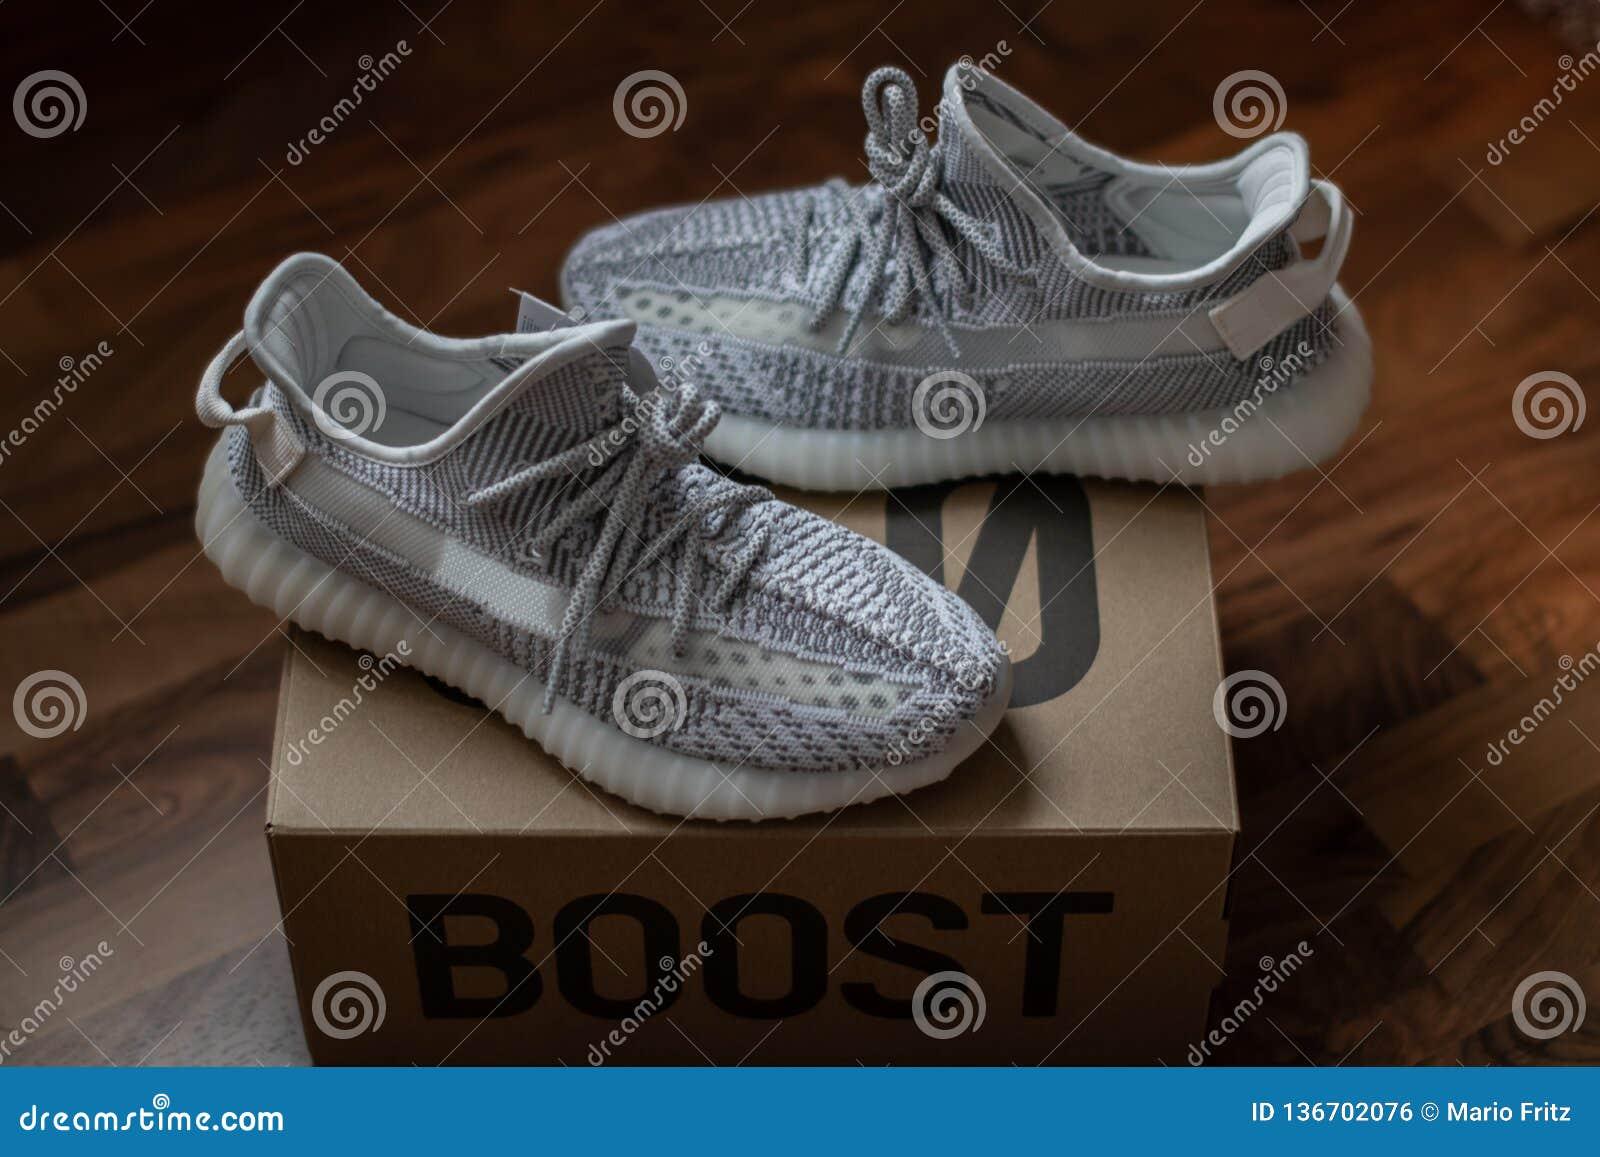 Statiskt anseende V2 för Adidas Yeezy ökning 350 på lådan 350 Släppt på December 26, 2018